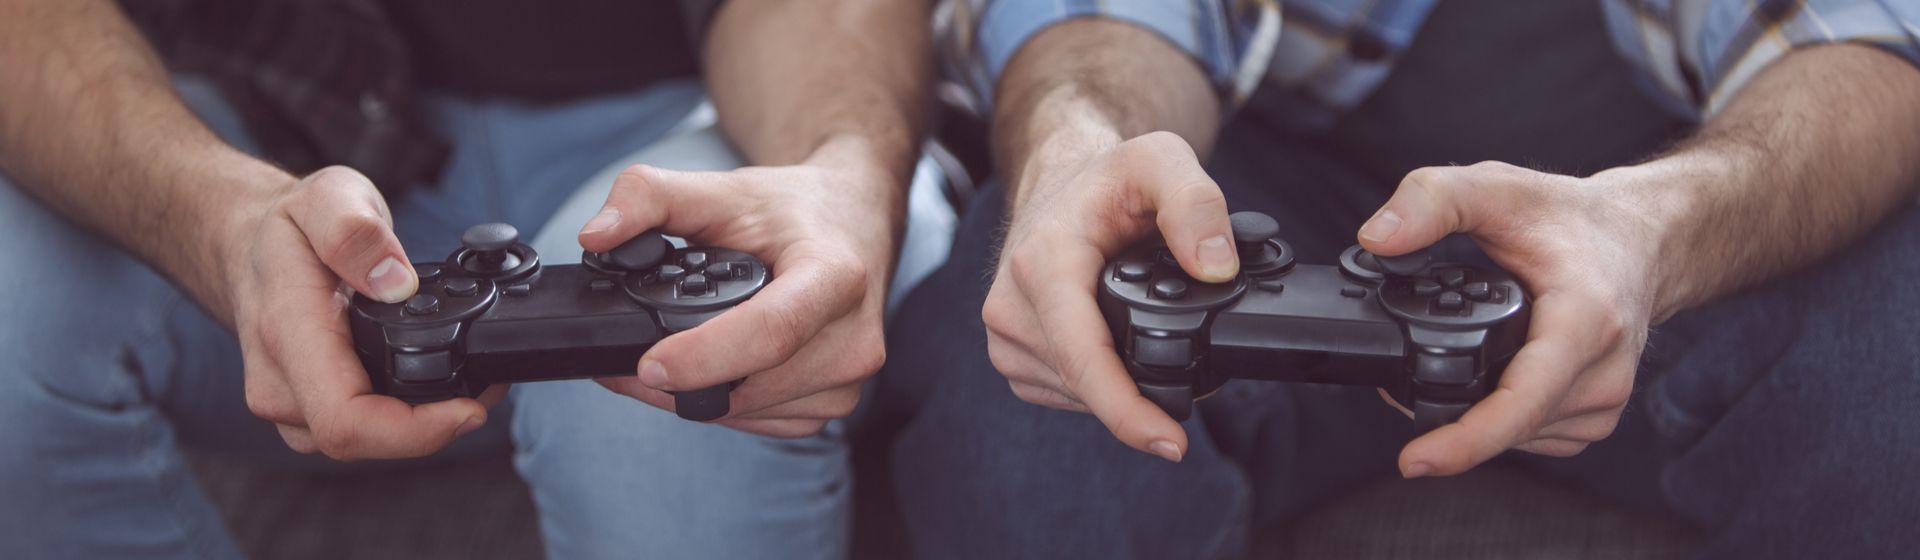 Jogos para dois: os melhores games para se divertir com amigos